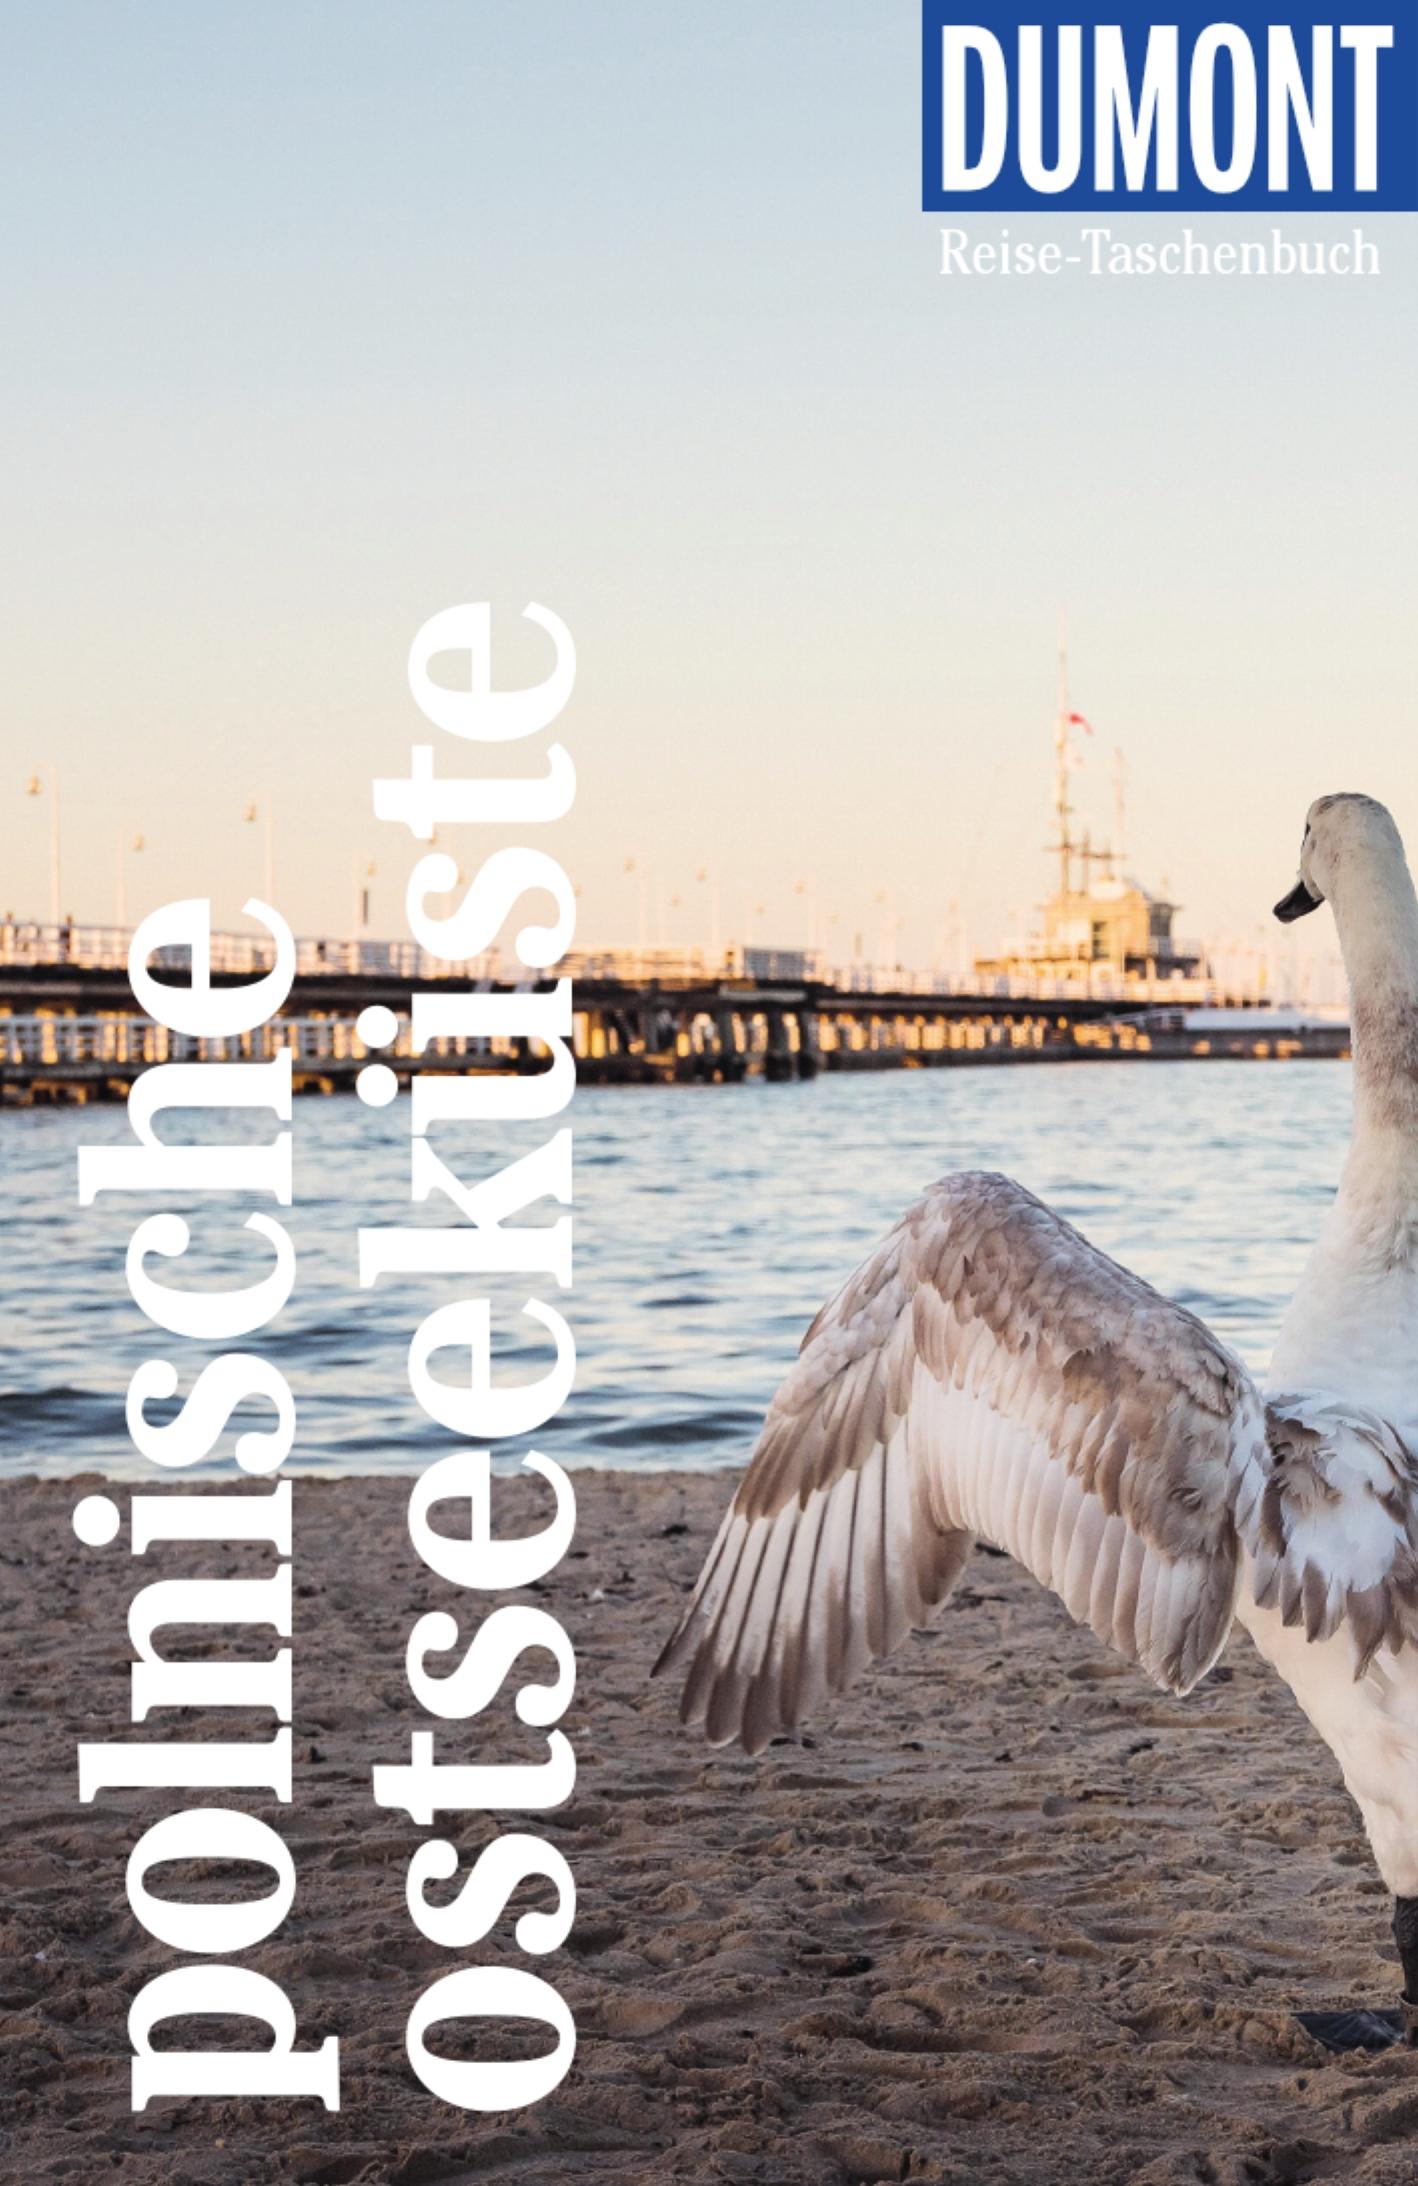 DuMont Reise-Taschenbuch - Polnische Ostseeküste (Cover)